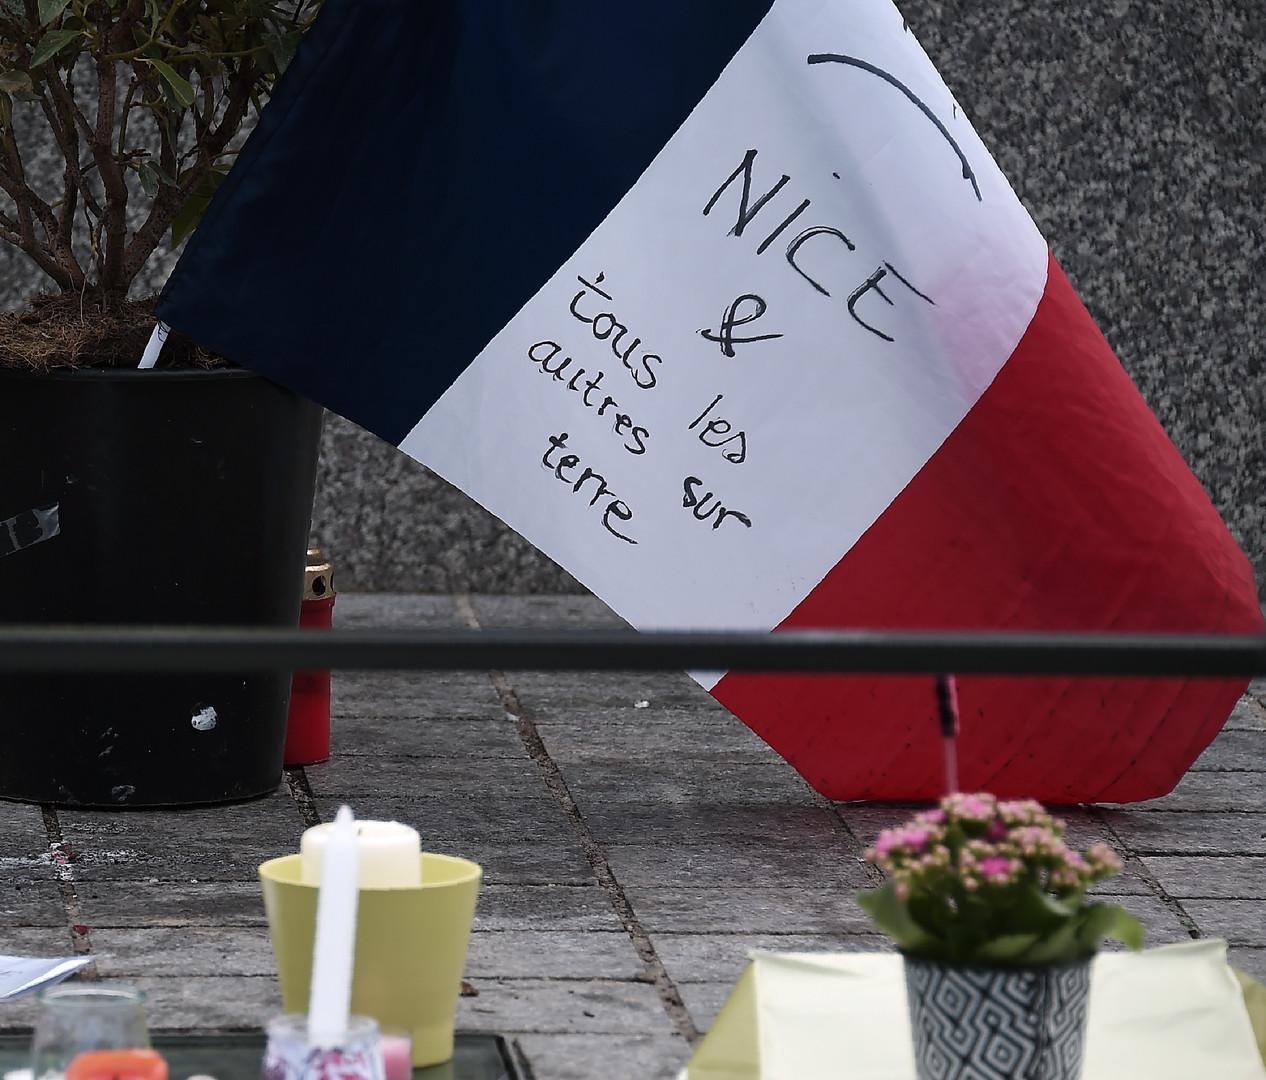 Мировые лидеры о теракте в Ницце: трусость, варварство и низость